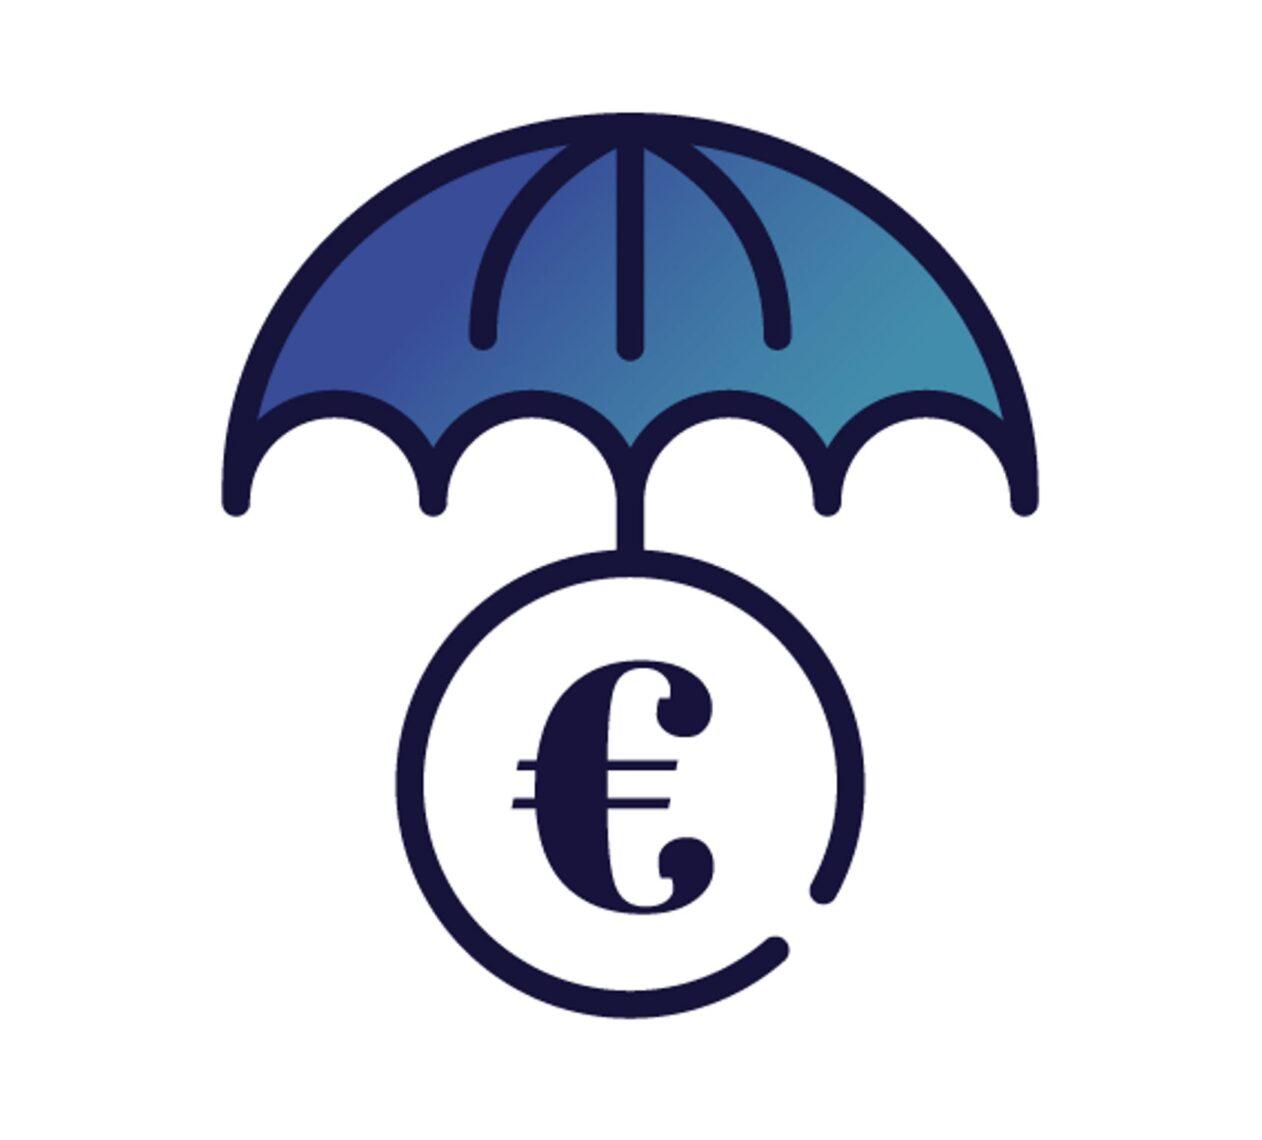 Made It Easy - Promozione per Avvocati, Commercialisti e Studi Legali - Gestione Profili Social